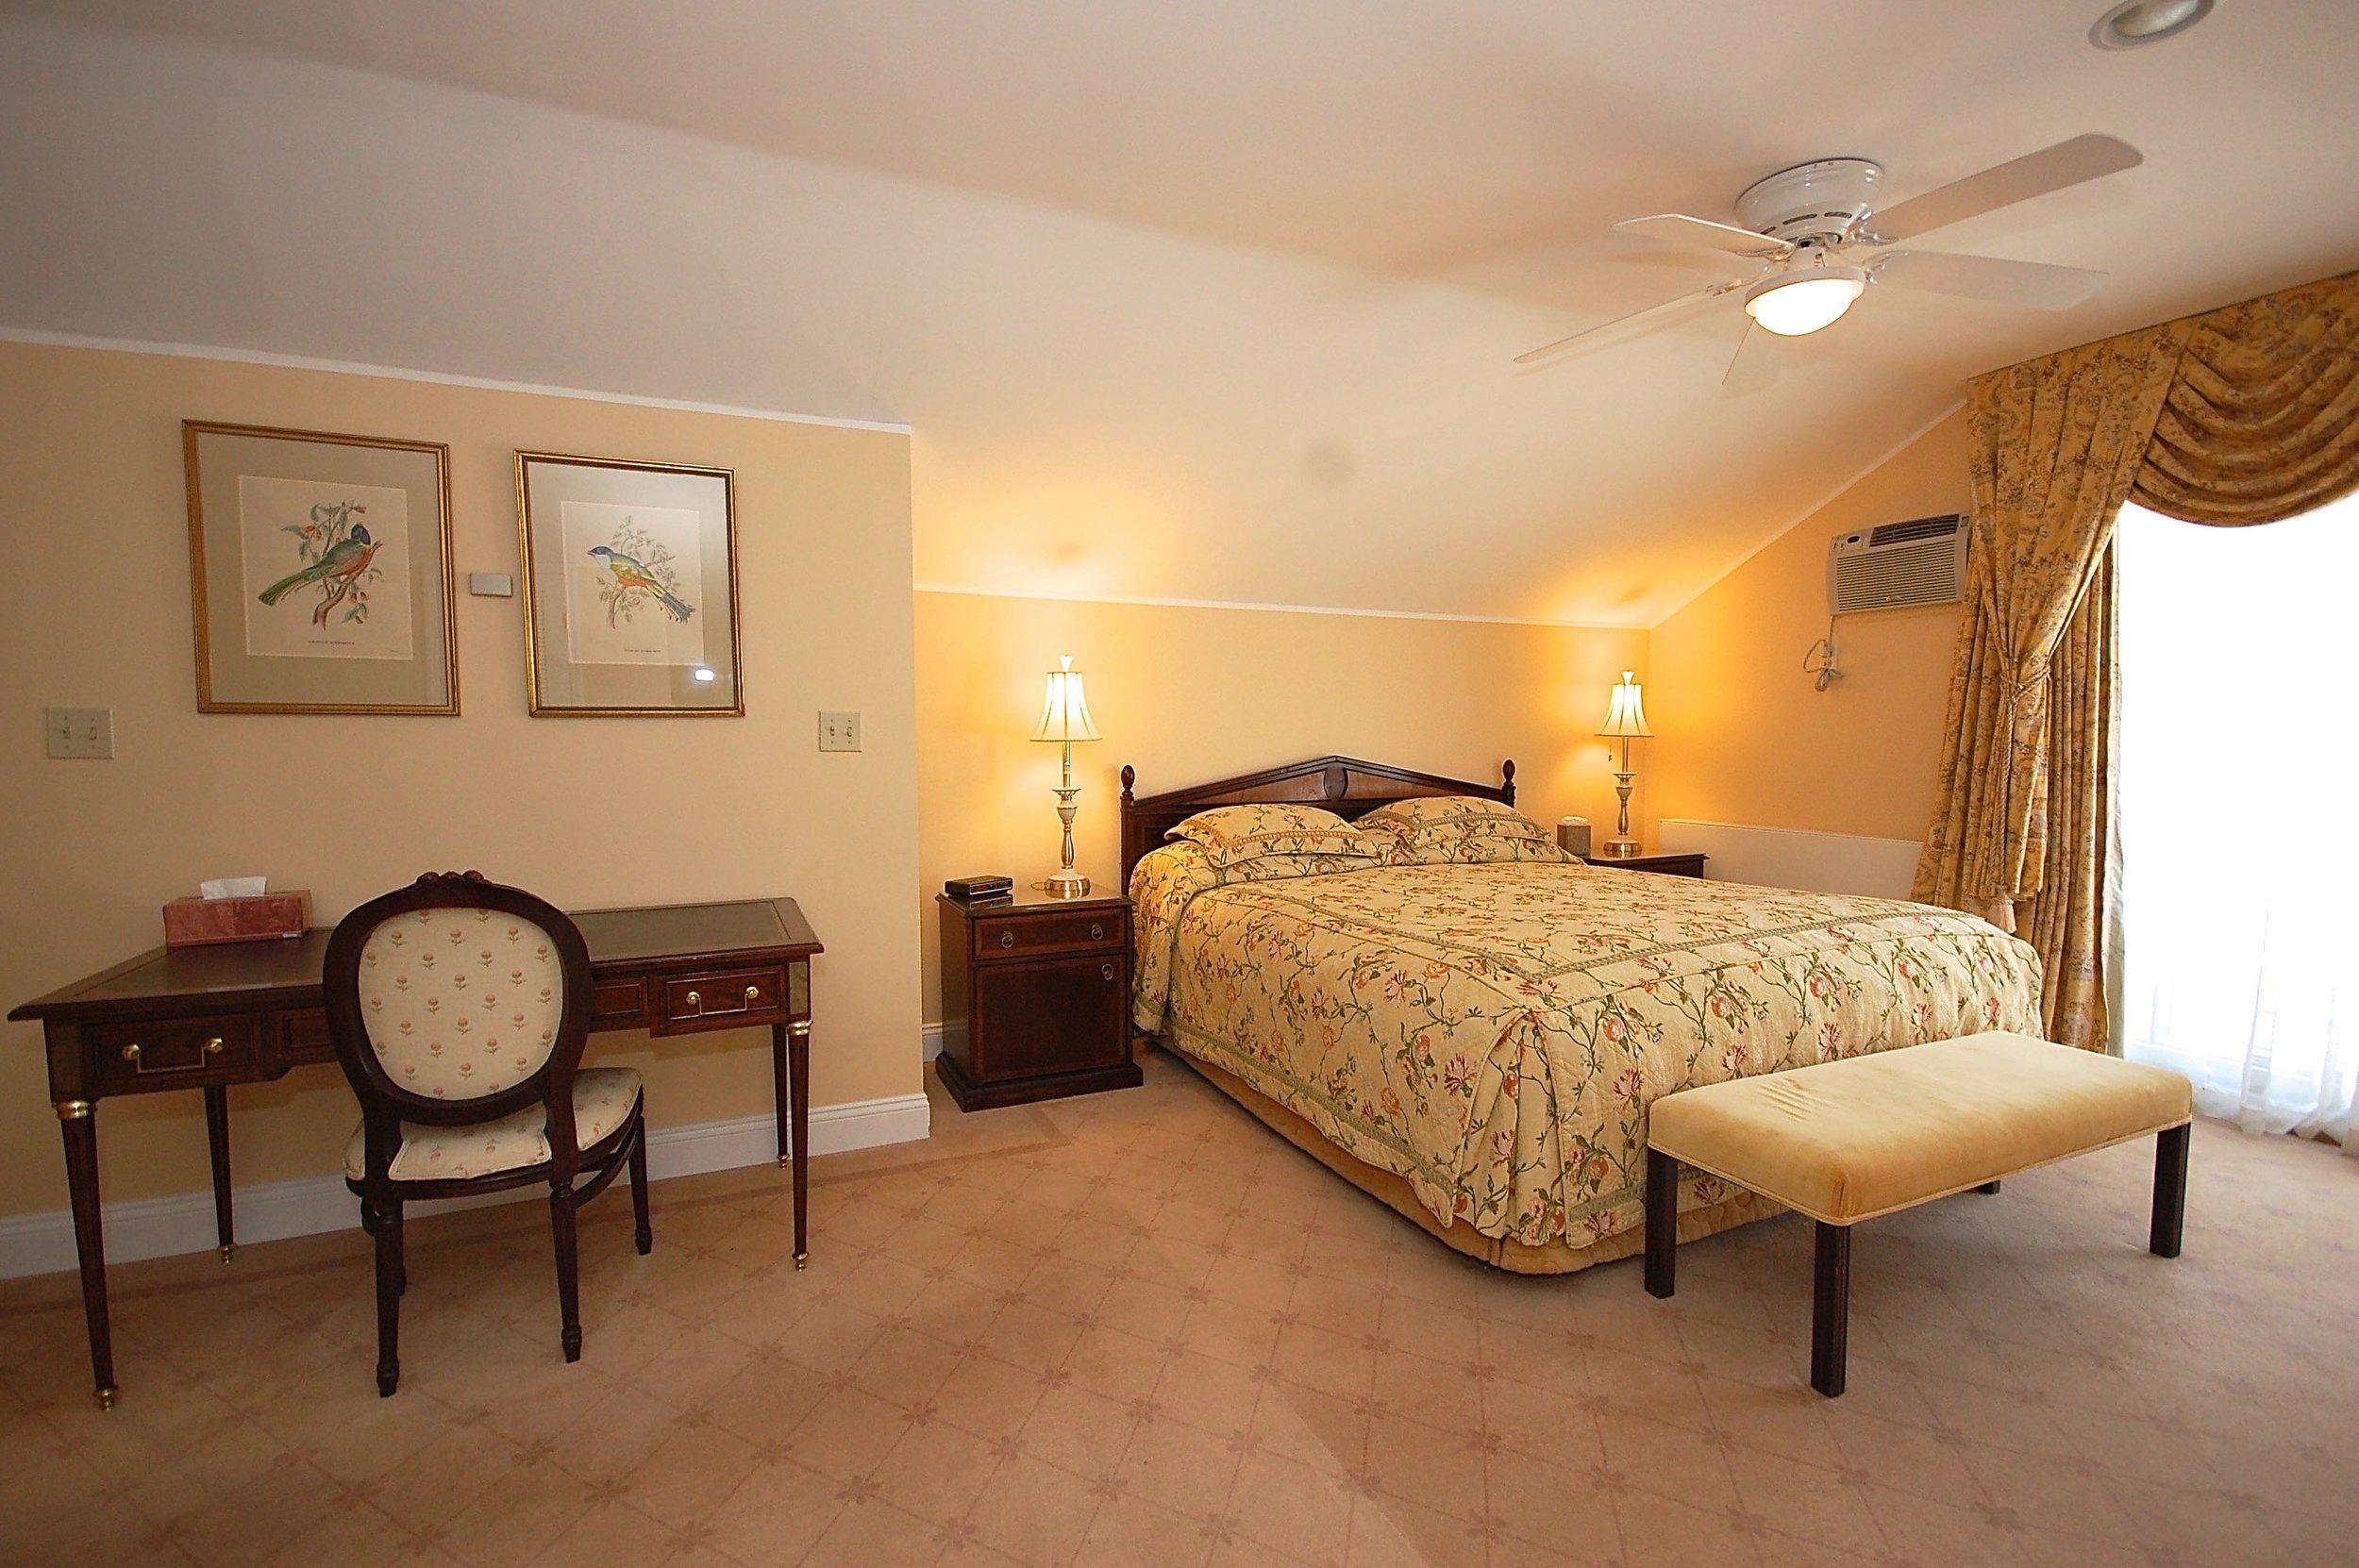 suite 2 bedrom 110.jpg